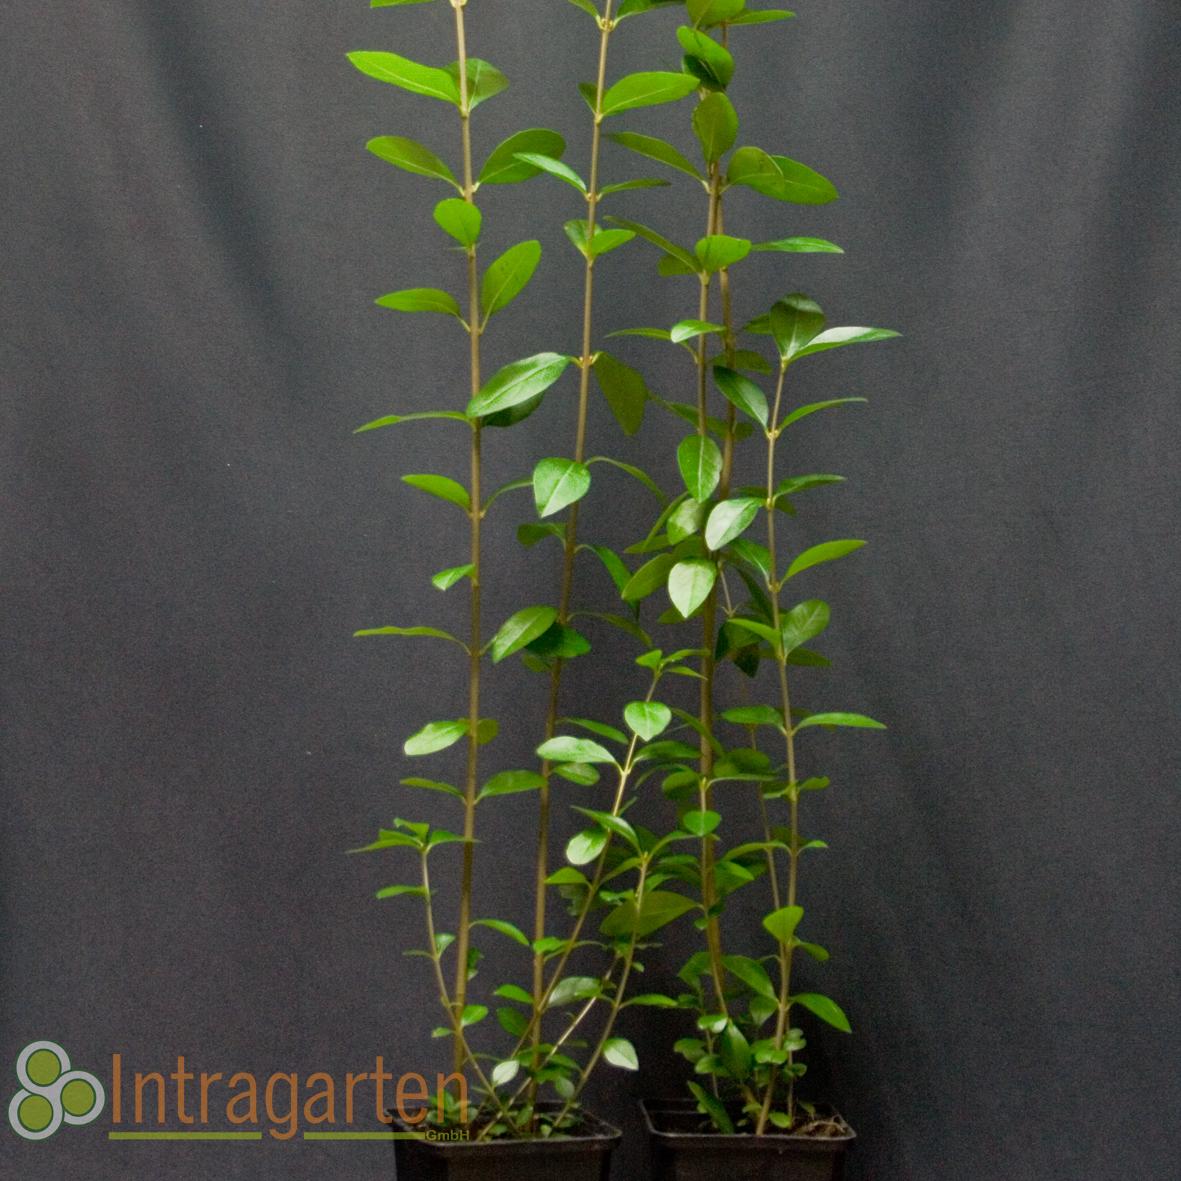 ligustrum ovalifolium heckenpflanze liguster schnell wachsende hecke 90 st ck ebay. Black Bedroom Furniture Sets. Home Design Ideas